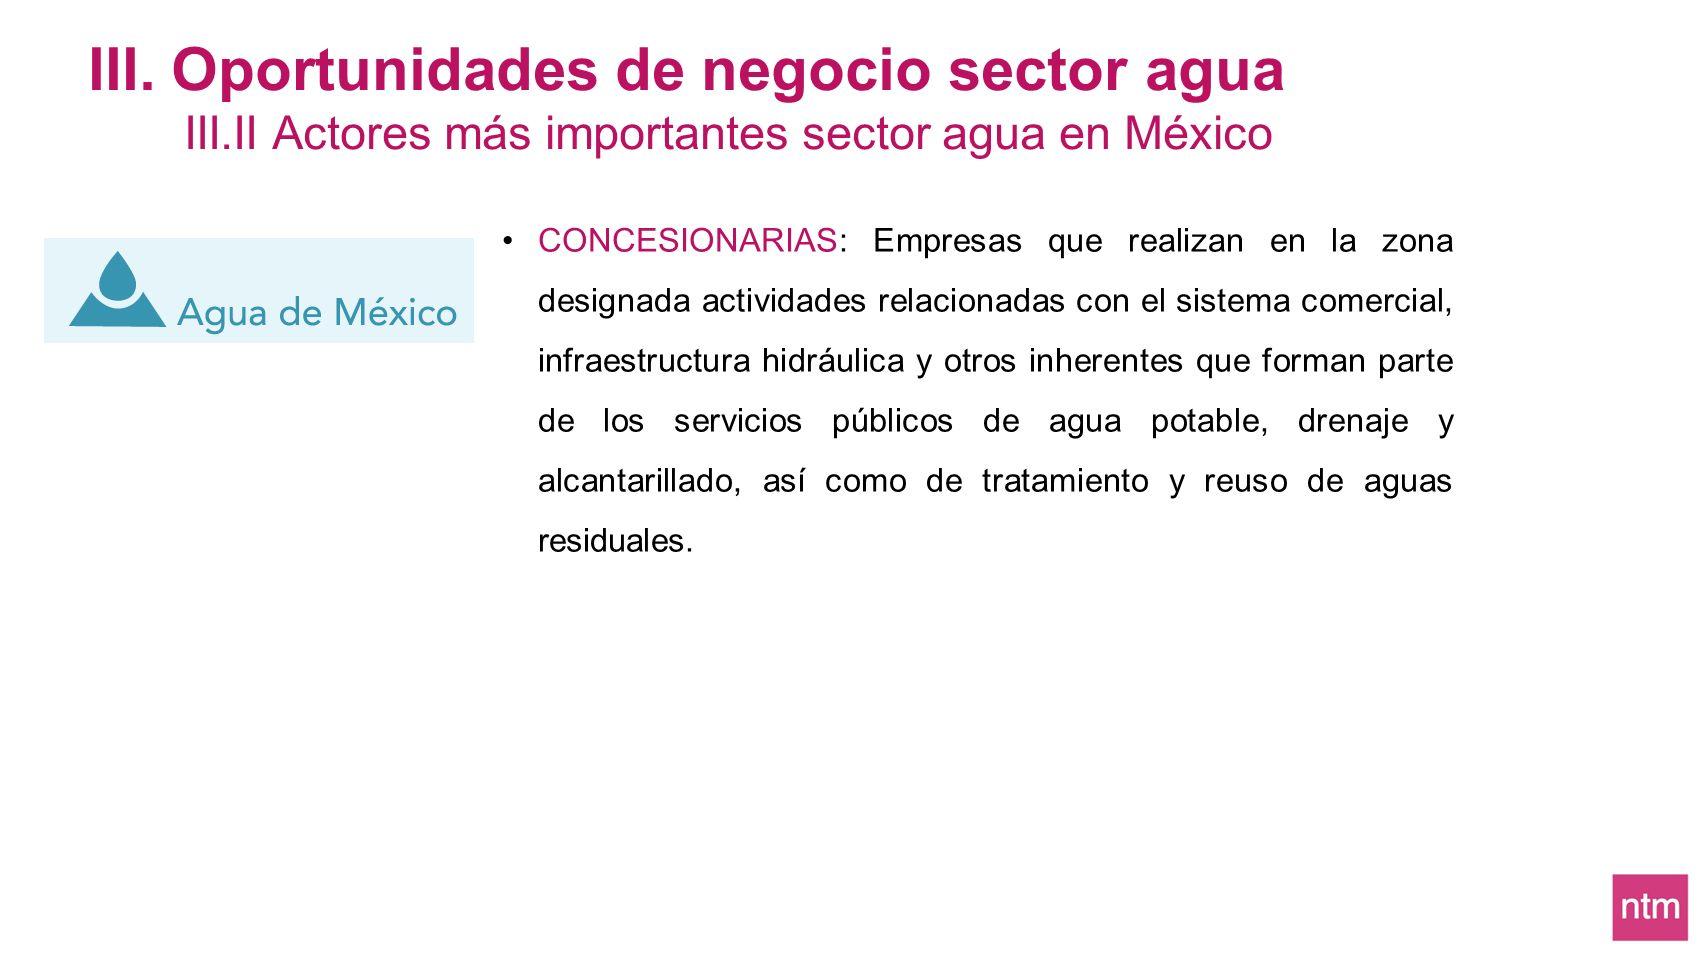 CONCESIONARIAS: Empresas que realizan en la zona designada actividades relacionadas con el sistema comercial, infraestructura hidráulica y otros inher